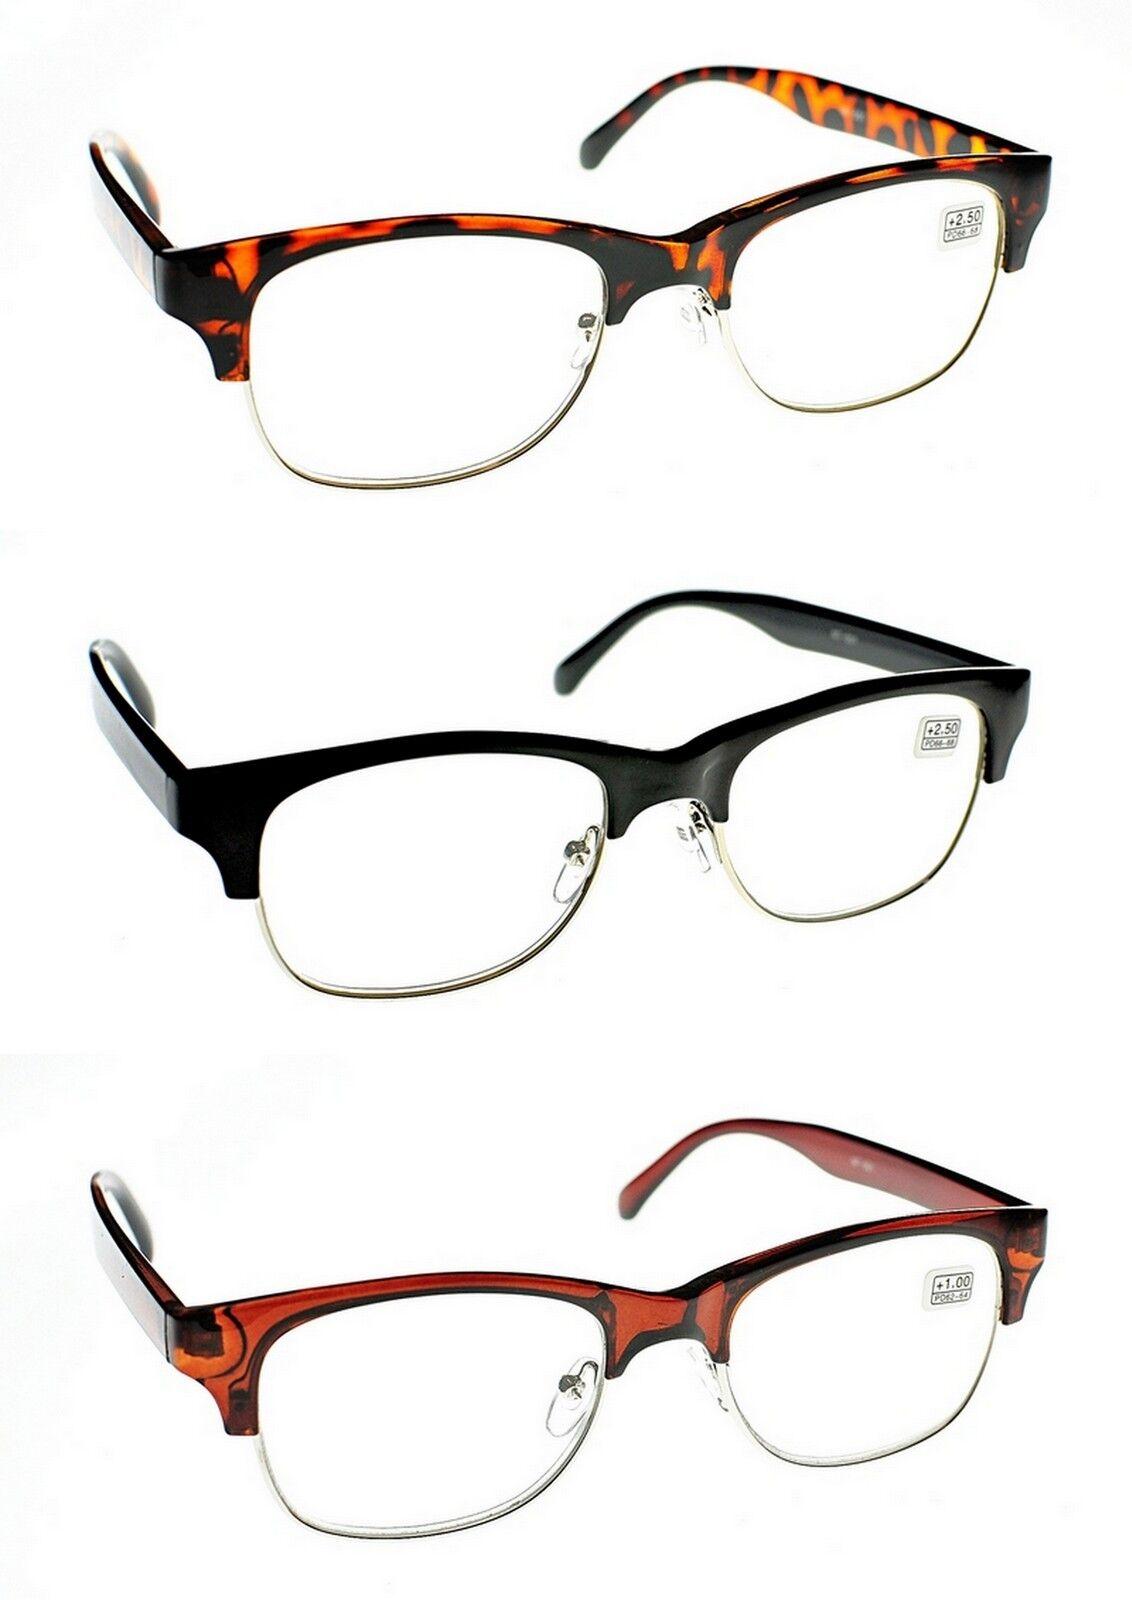 Media Montura Moda Unisex Retro Gafas de lectura en carey, marrón y ...